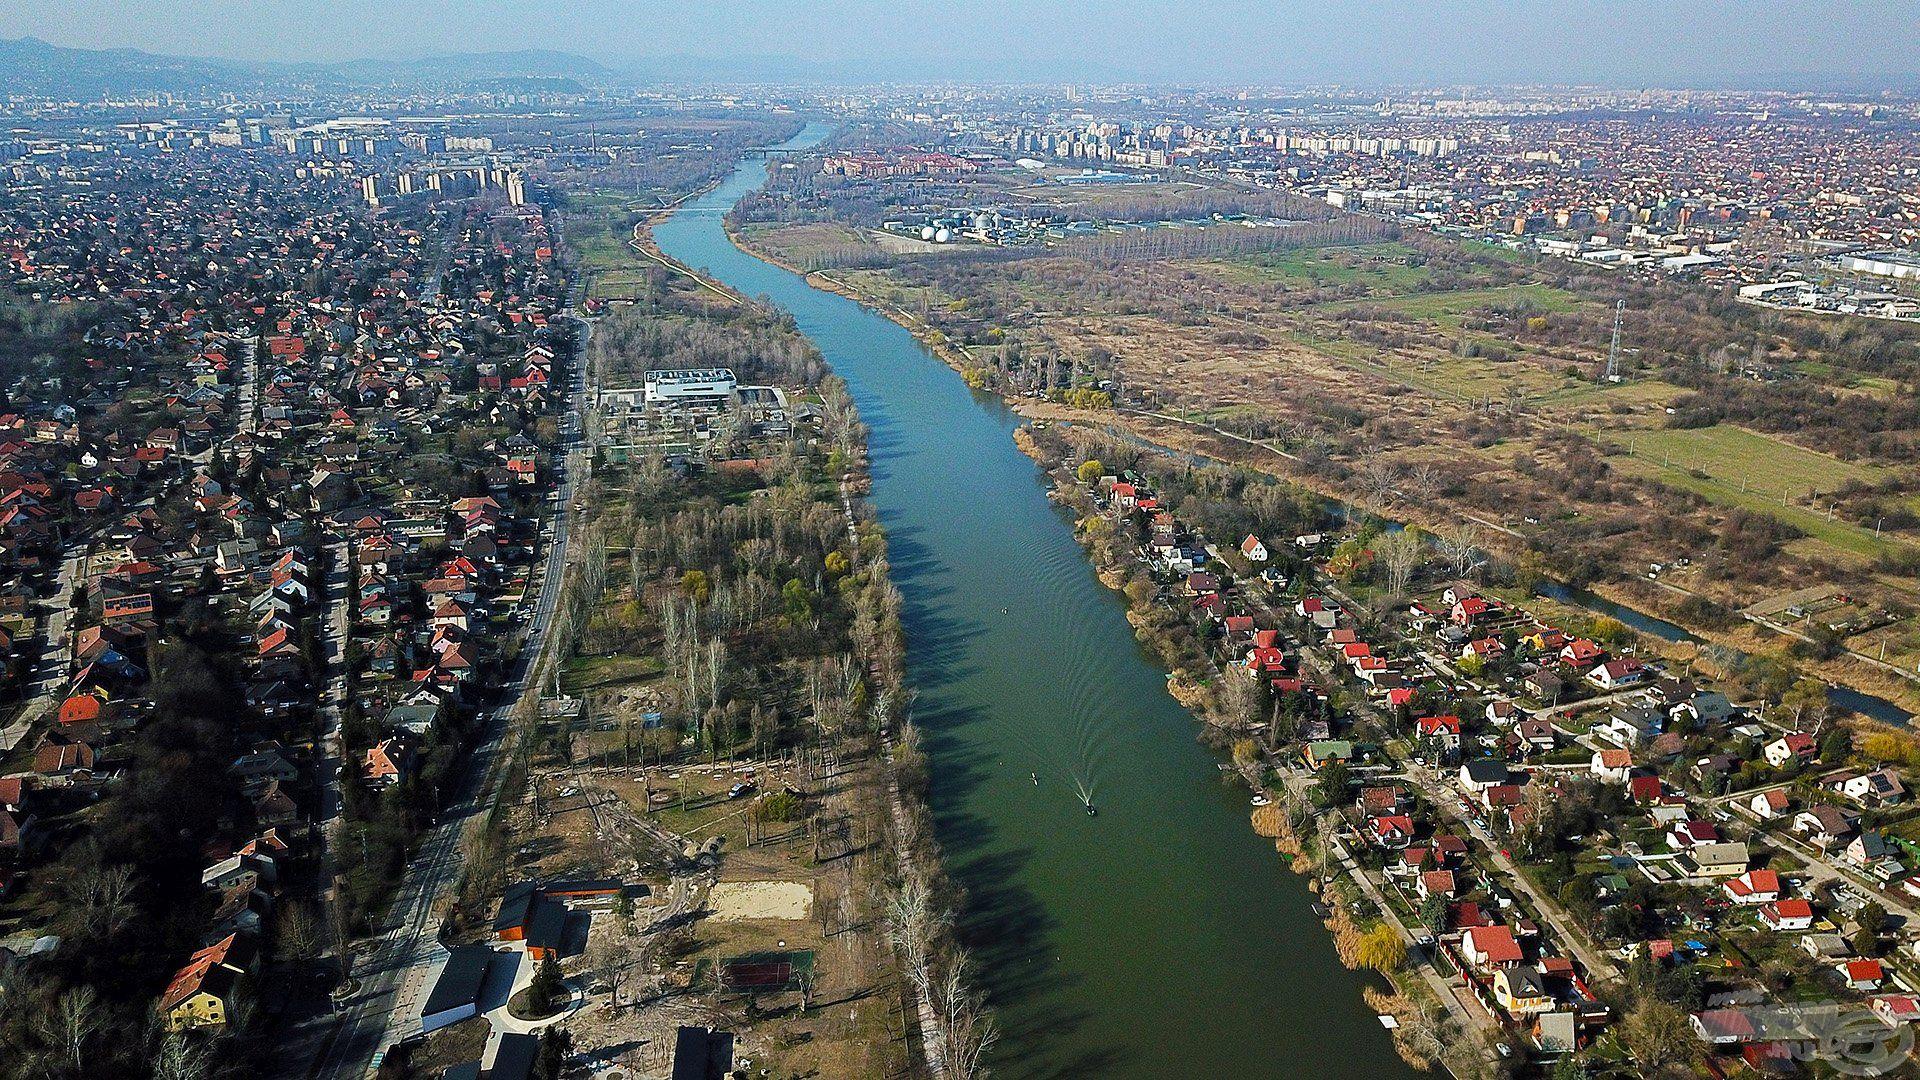 A Ráckevei-Duna-ág ideális élőhelyet teremt a leggyakrabban szákba kerülő keszegfajnak, a dévérkeszegnek